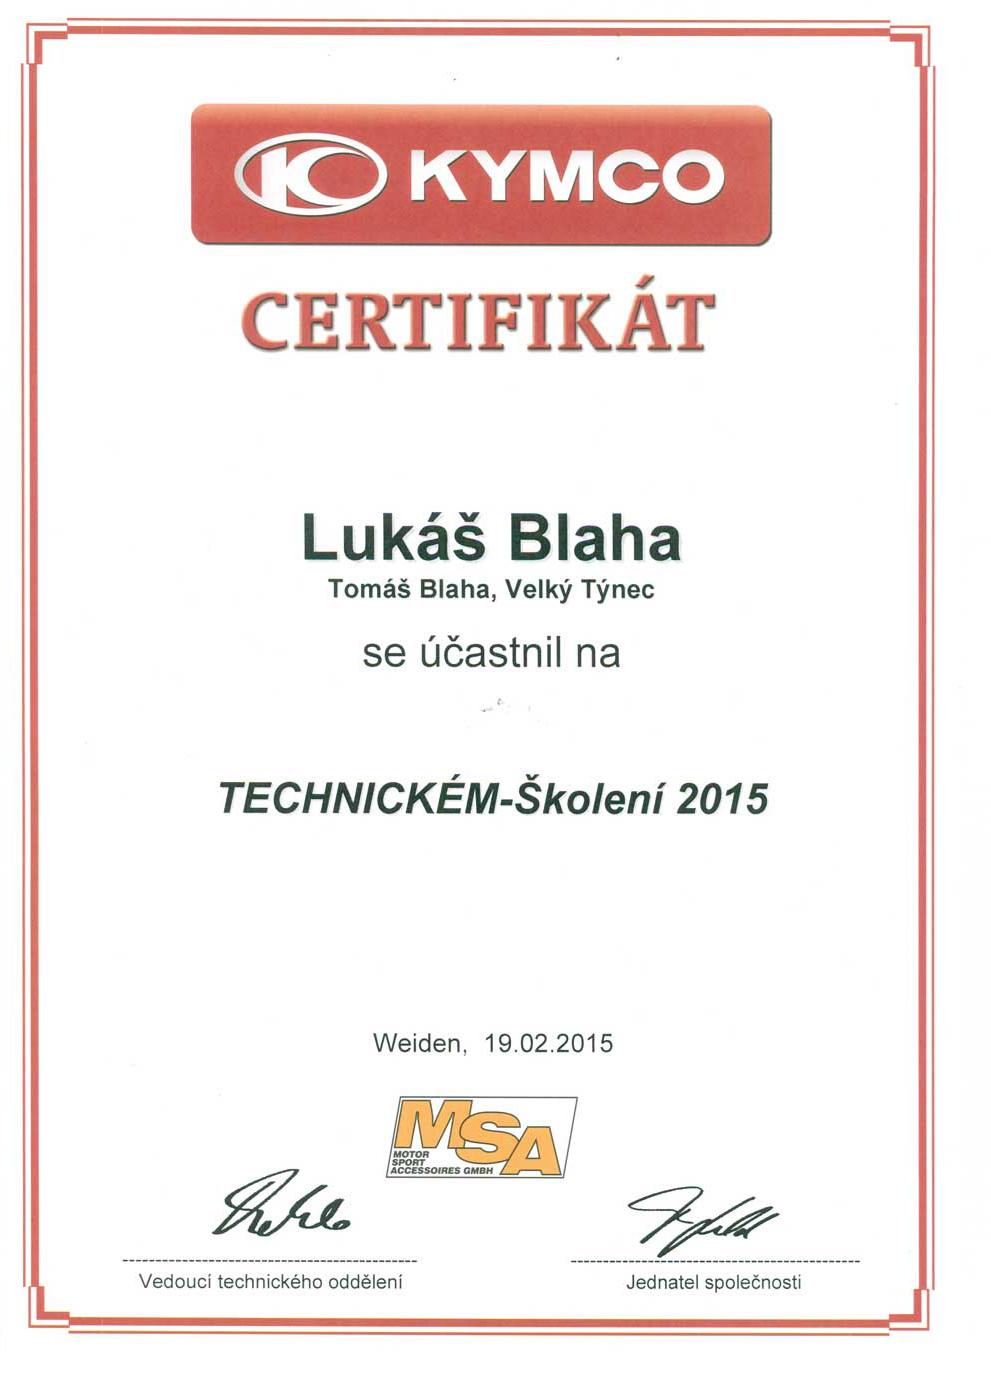 Certifikát z technického školení Kymco 2015 Lukáš Blaha